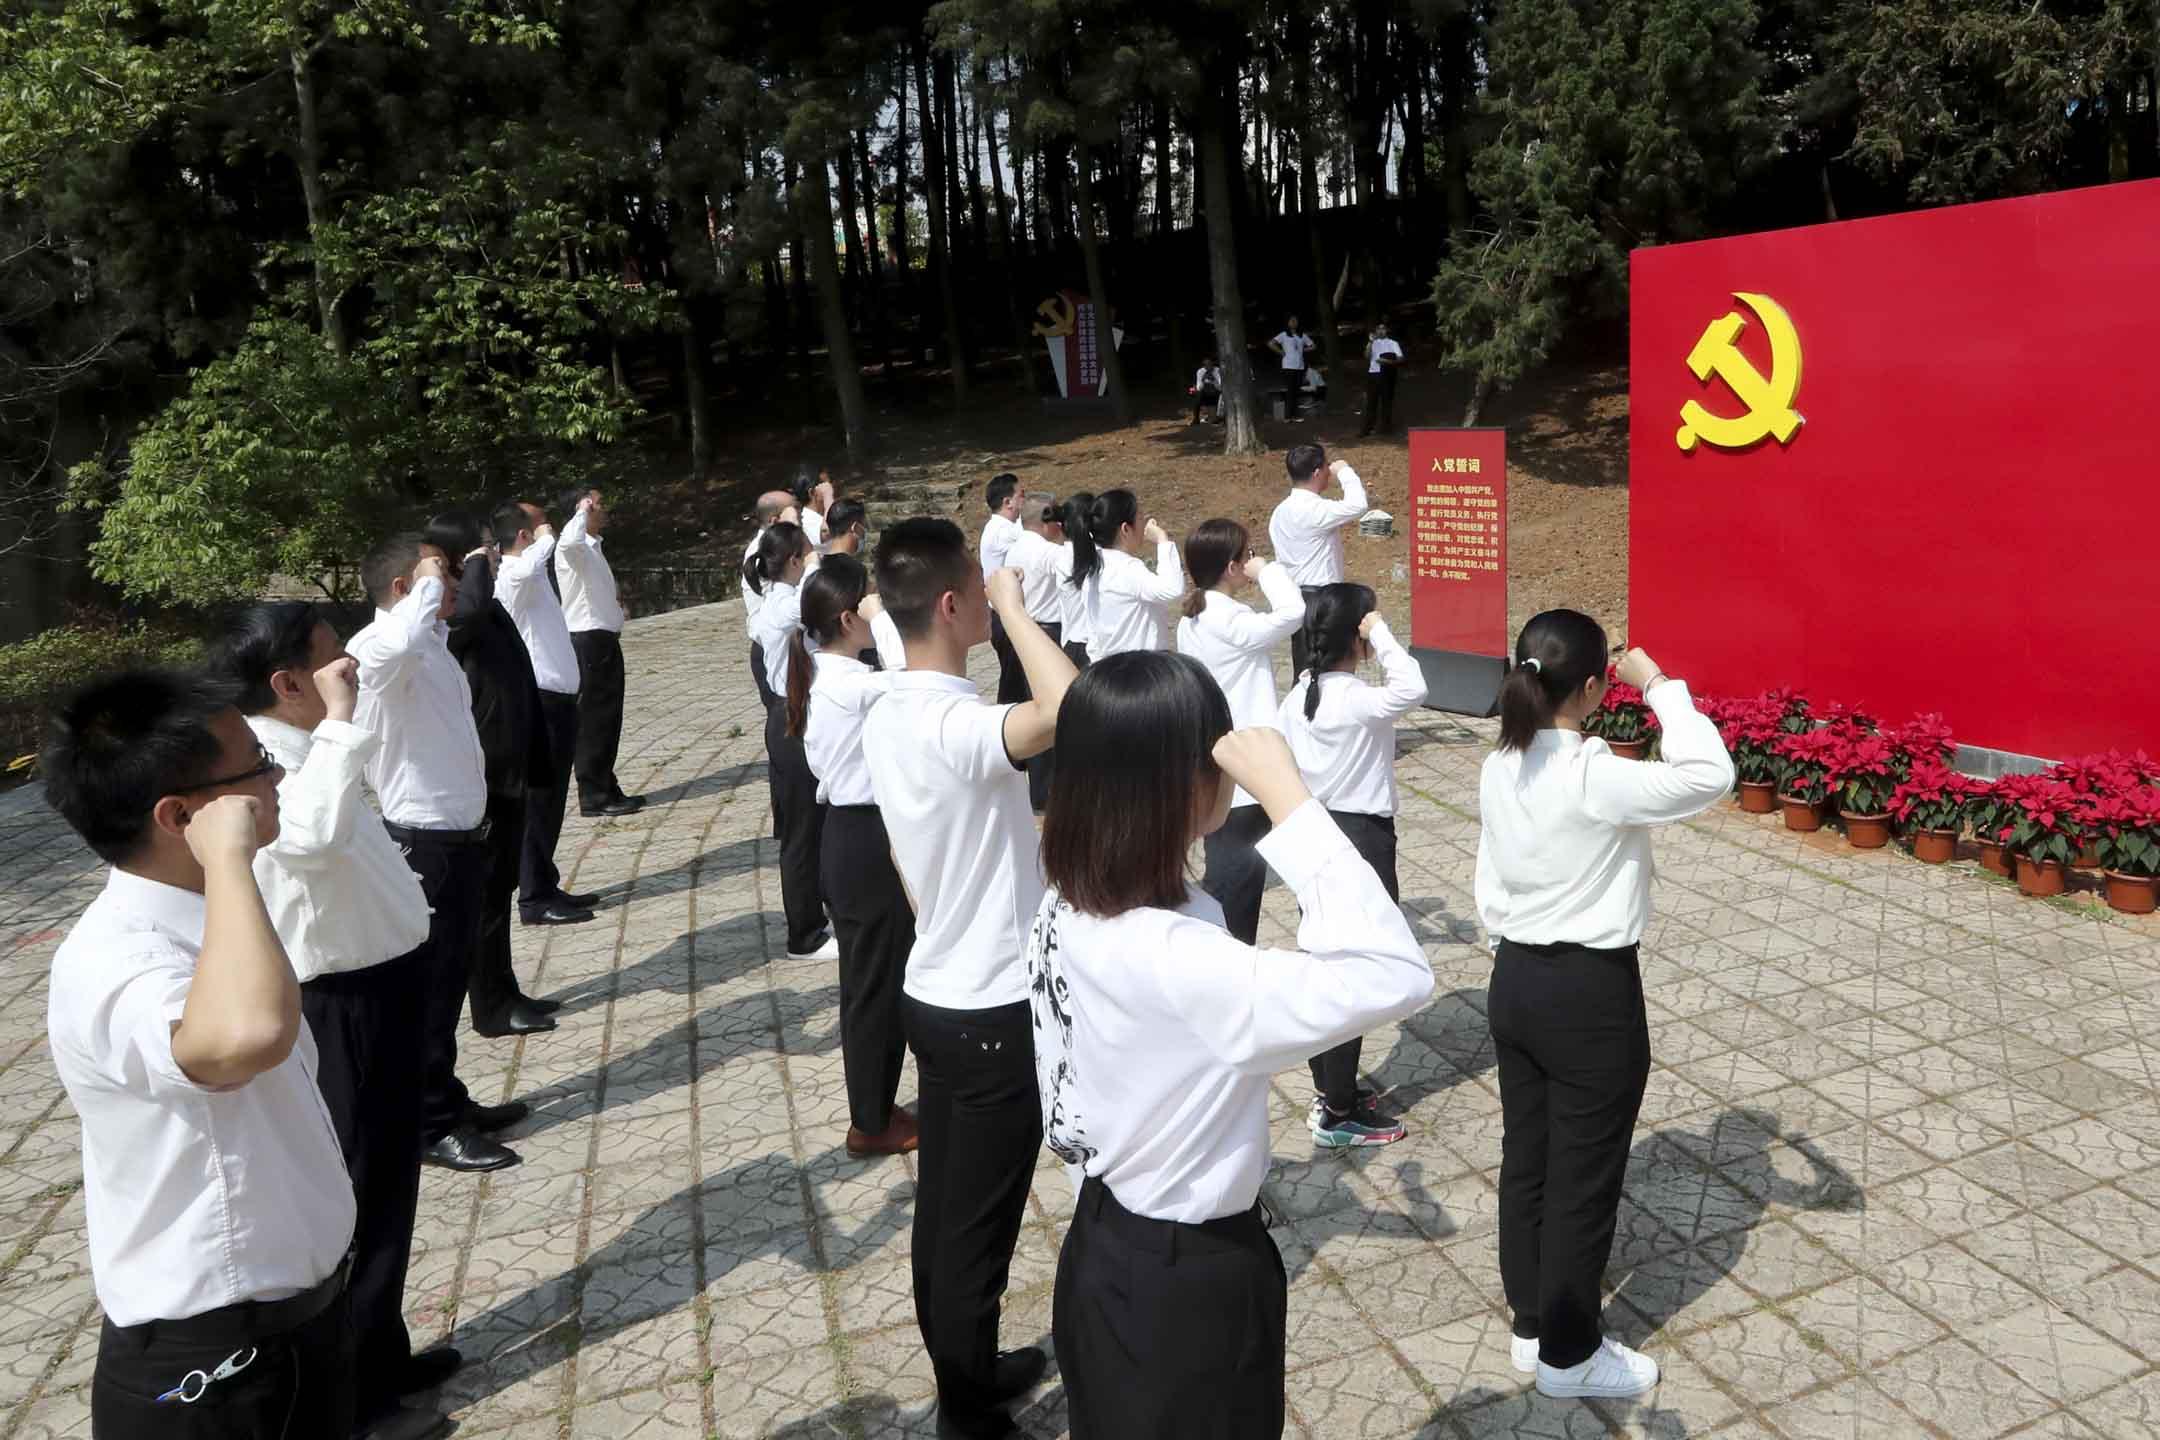 2021年3月28日,雲南,共產黨黨員參觀中共雲南省第一次代表大會遺址紀念碑,期間在旗牌前宣誓。 攝:Yang Zheng/VCG via Getty Images